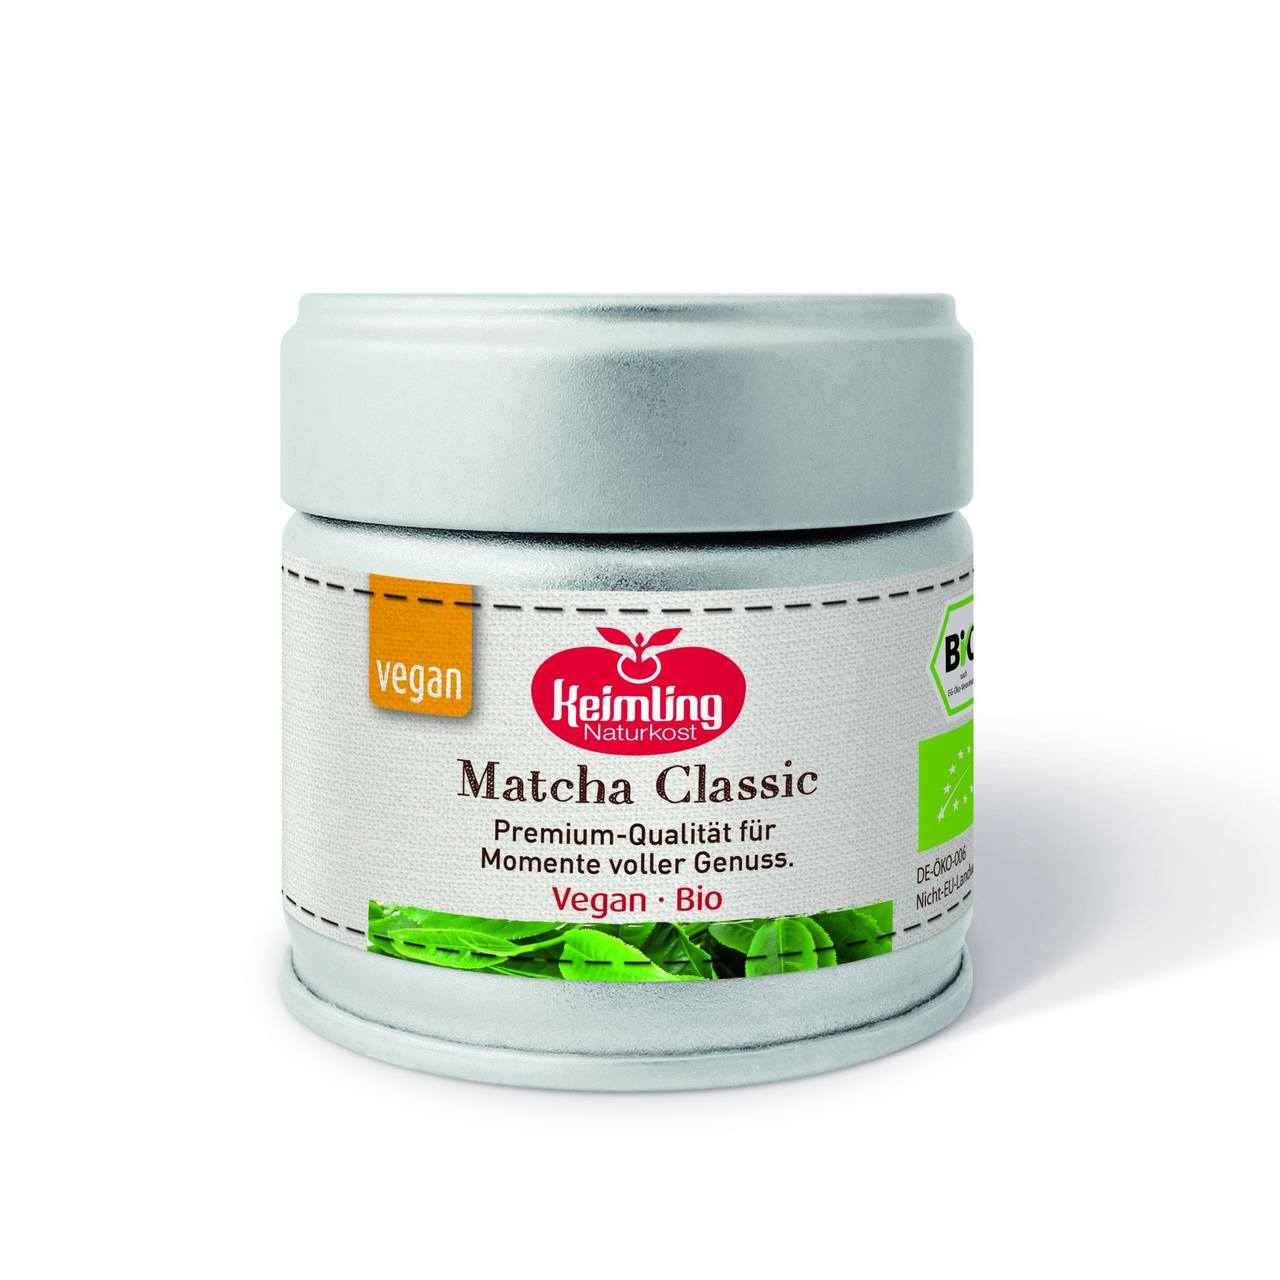 Matcha Classic - Keimling